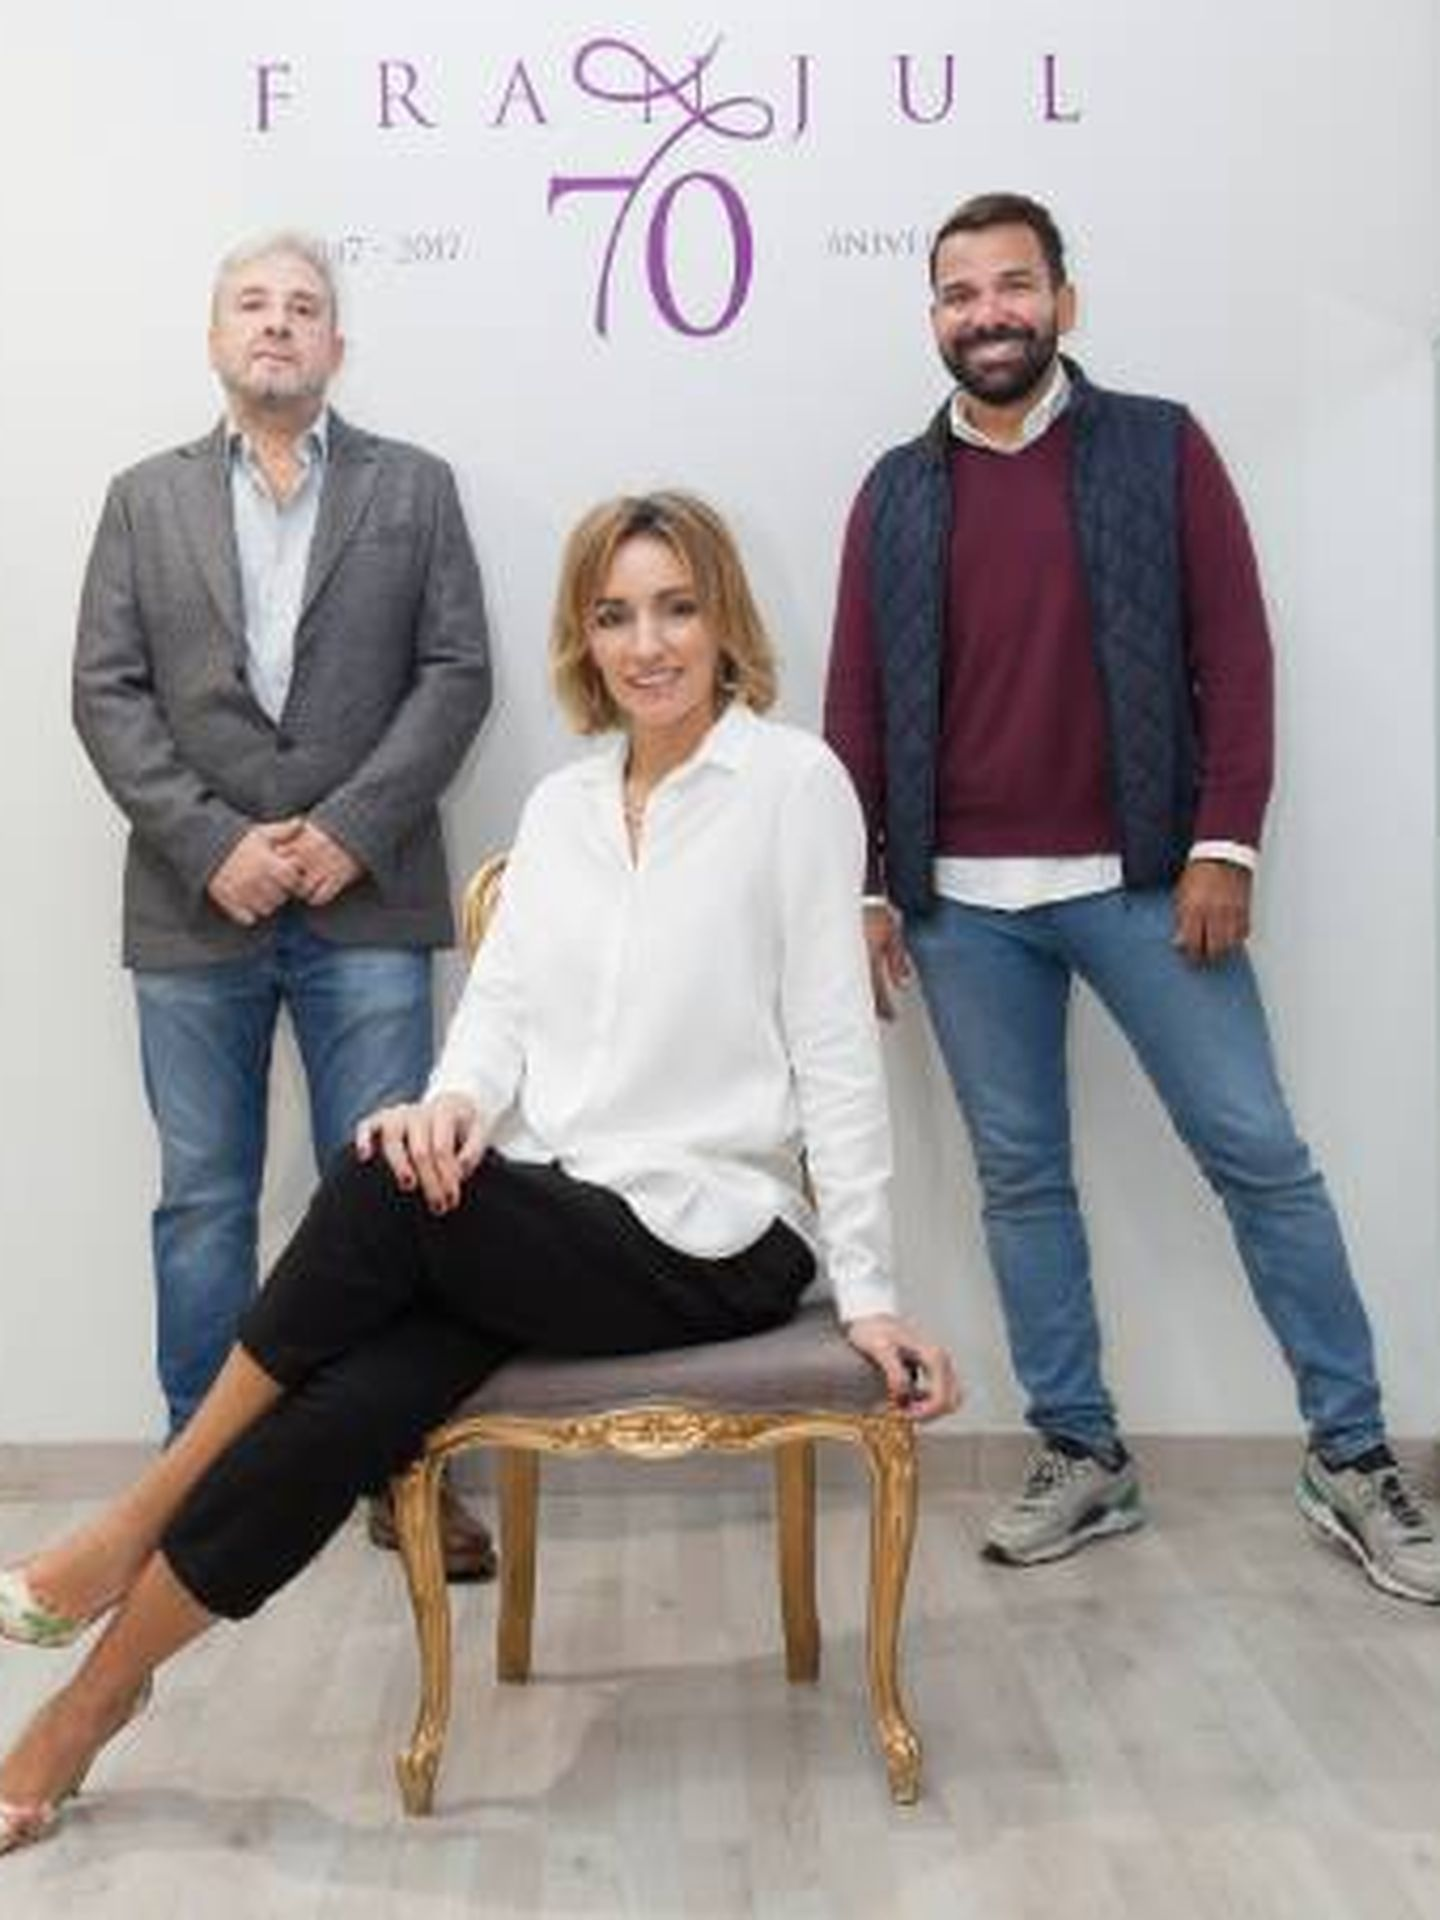 Beatriz Tajuelo junto a Pedro Carrillo, director creativo de calzados Franjul, y Francisco Sánchez, maestro zapatero. (Foto cedida por Nosolounaidea)